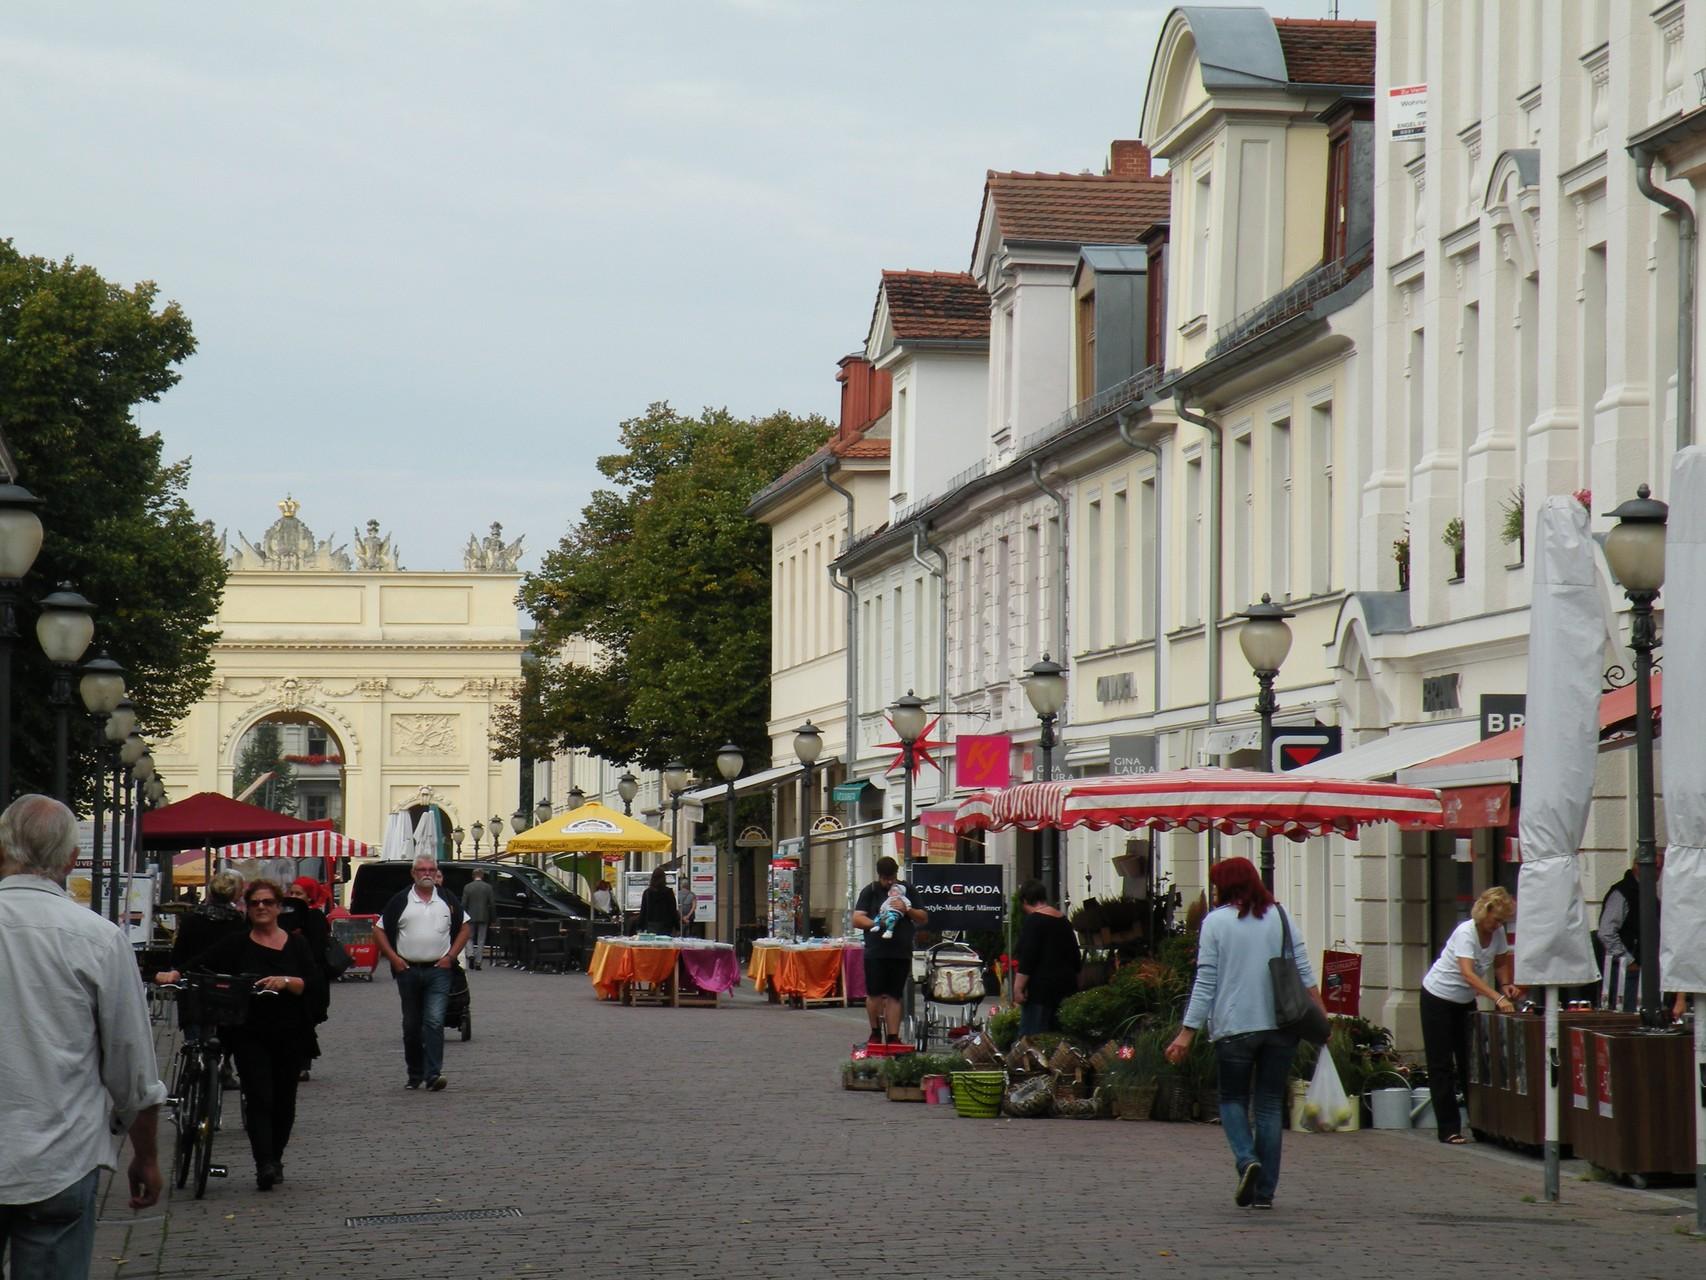 Potsdam/Holländisches Viertel